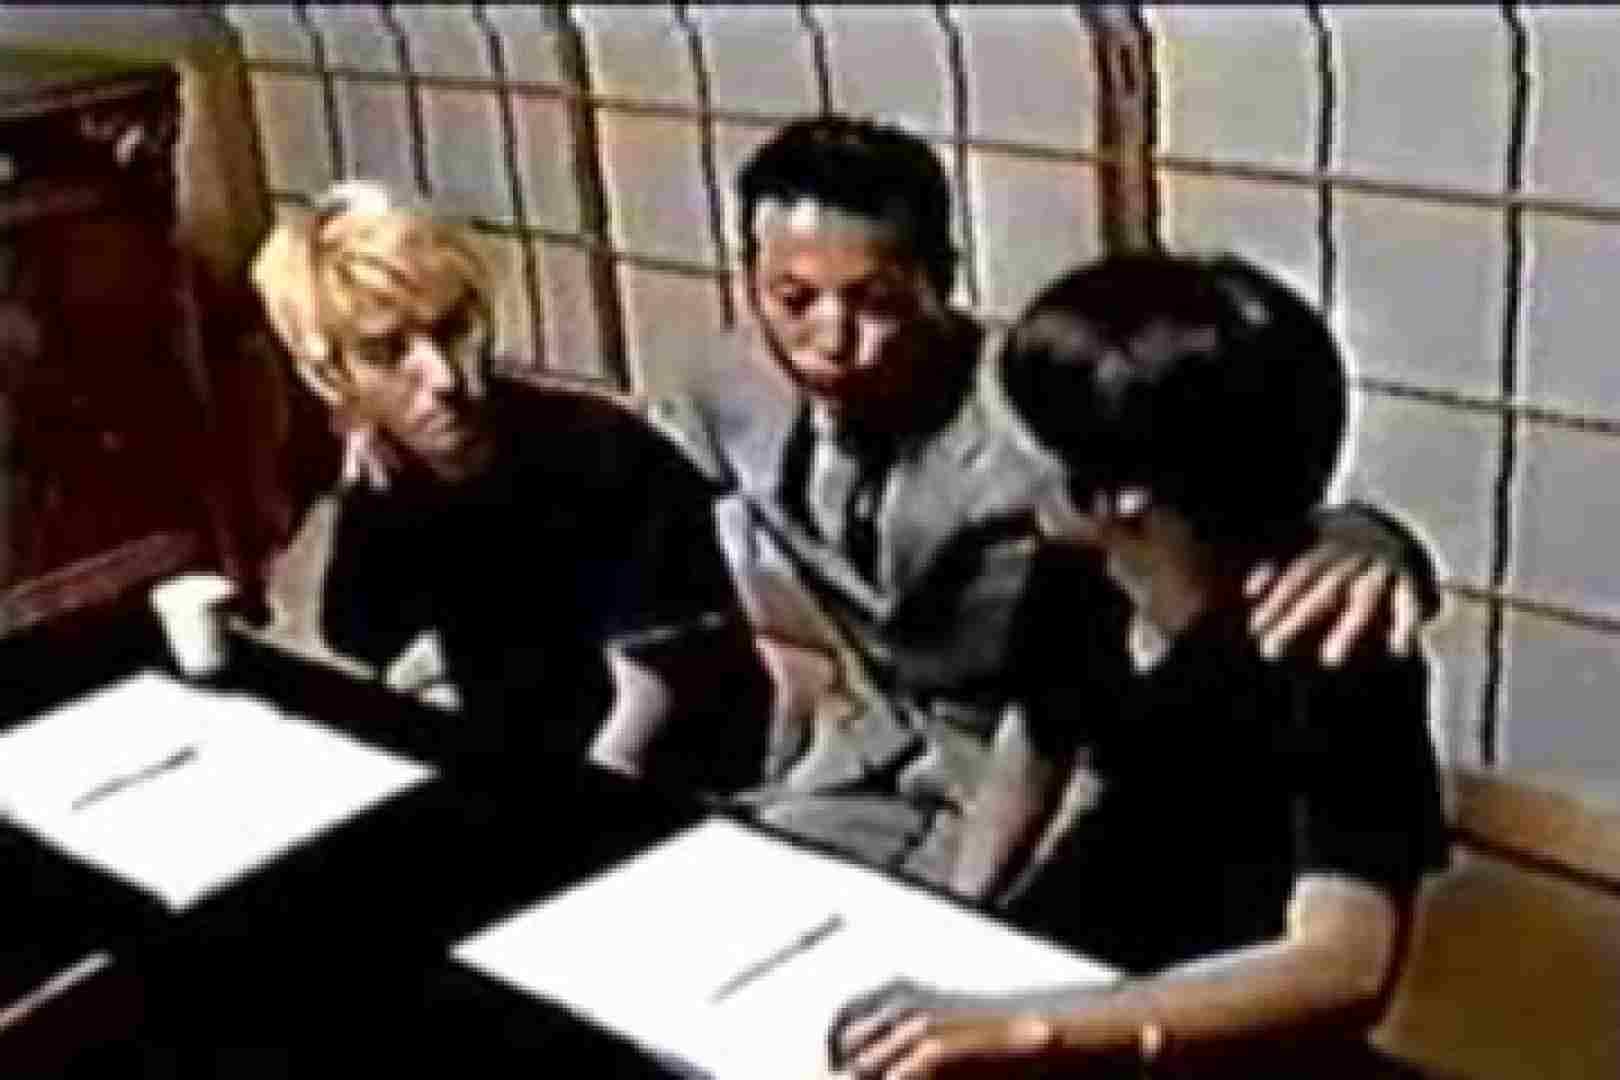 発掘!!10年前のVHSお宝ゲイ動画!! 縛グッズプレイ ゲイエロビデオ画像 71pic 15